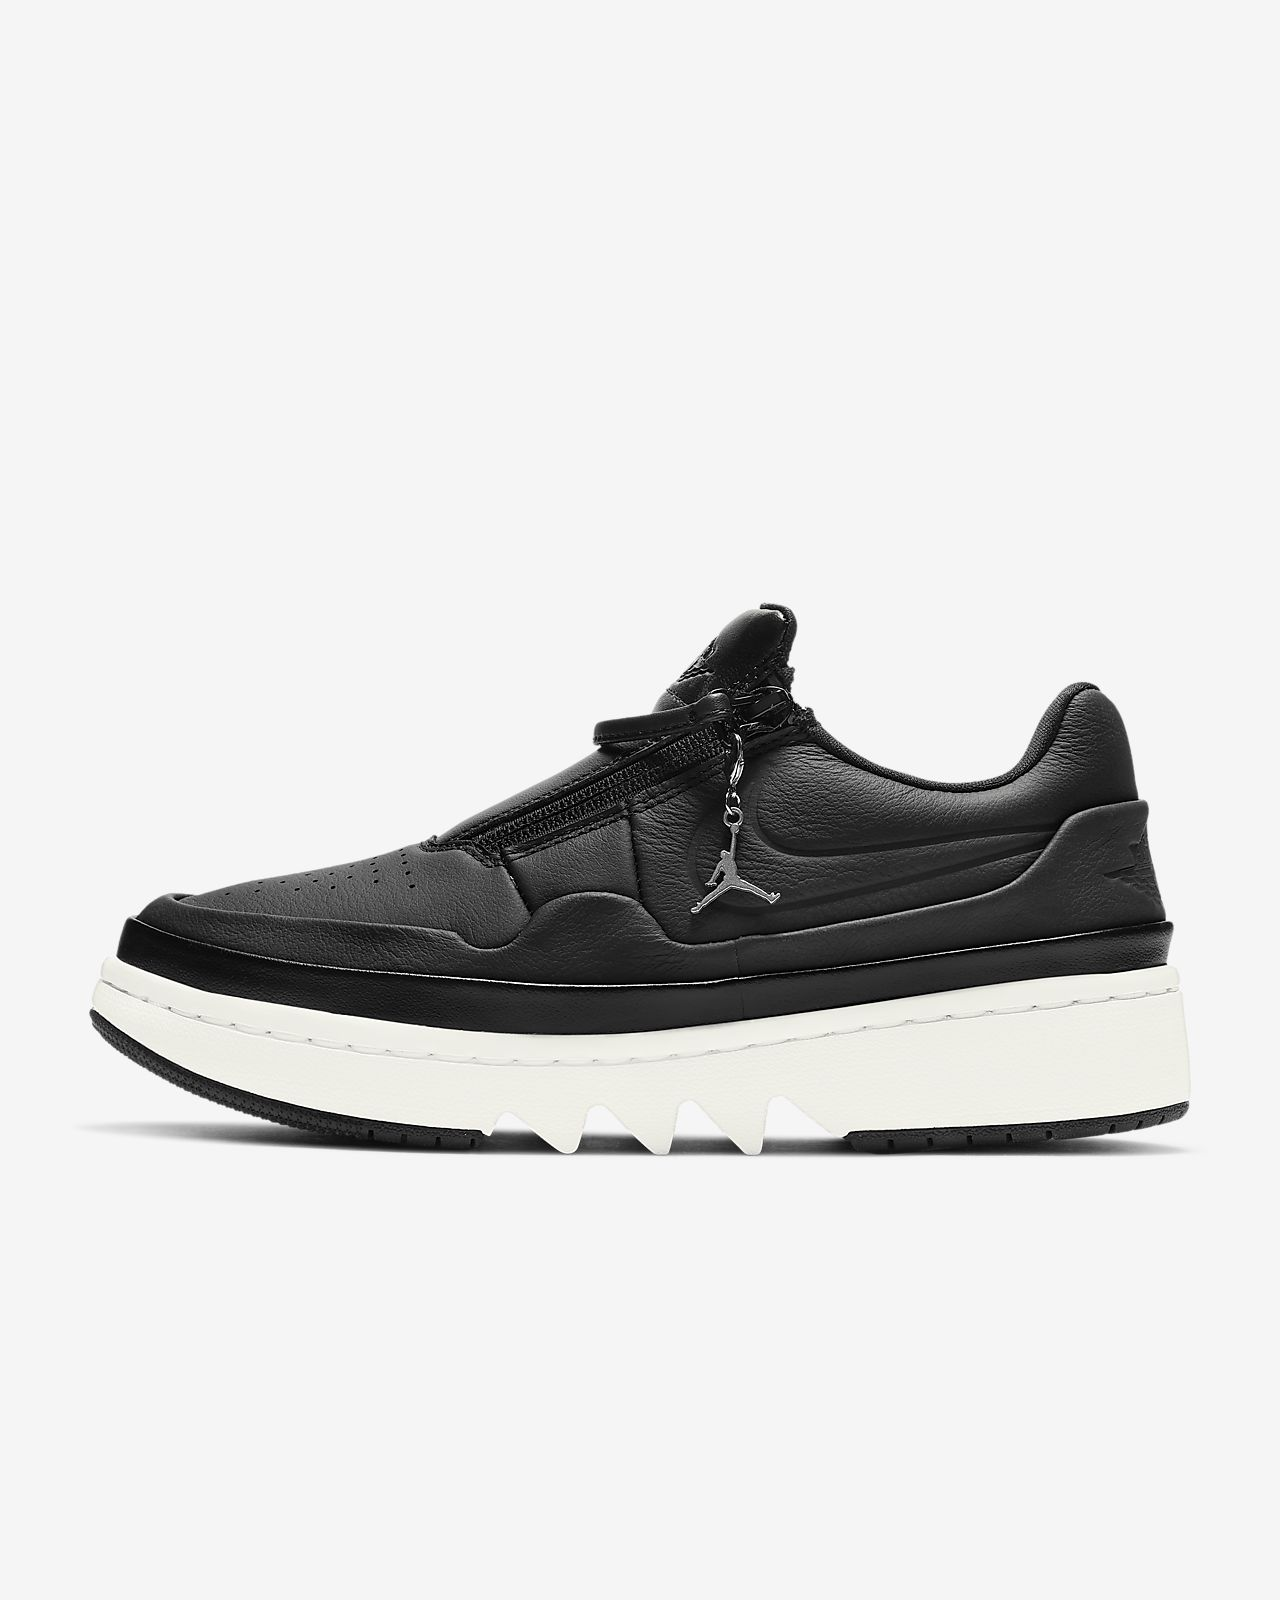 Chaussure Air Jordan 1 Jester XX Low pour Femme